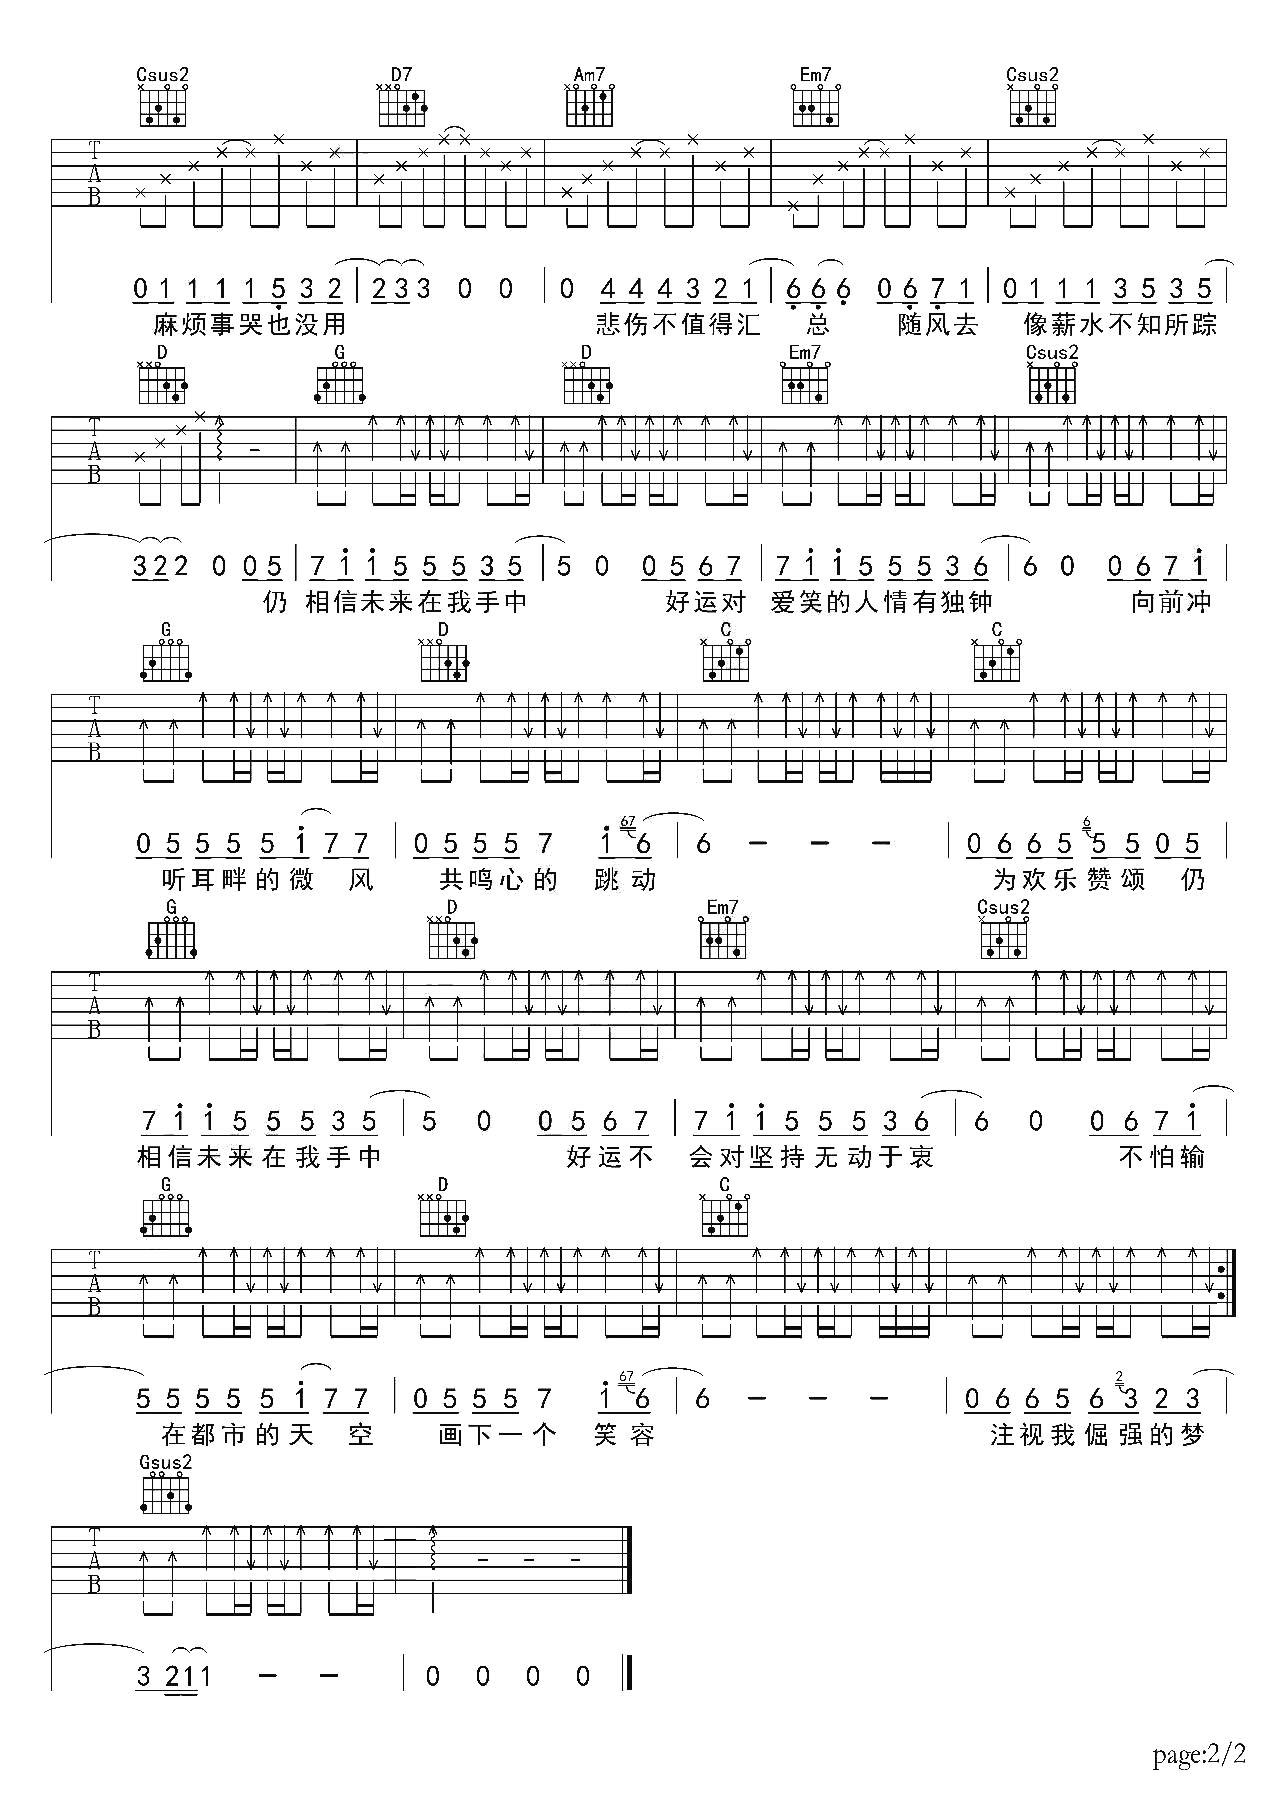 张江《欢乐颂》吉他弹唱谱高清无水印版本